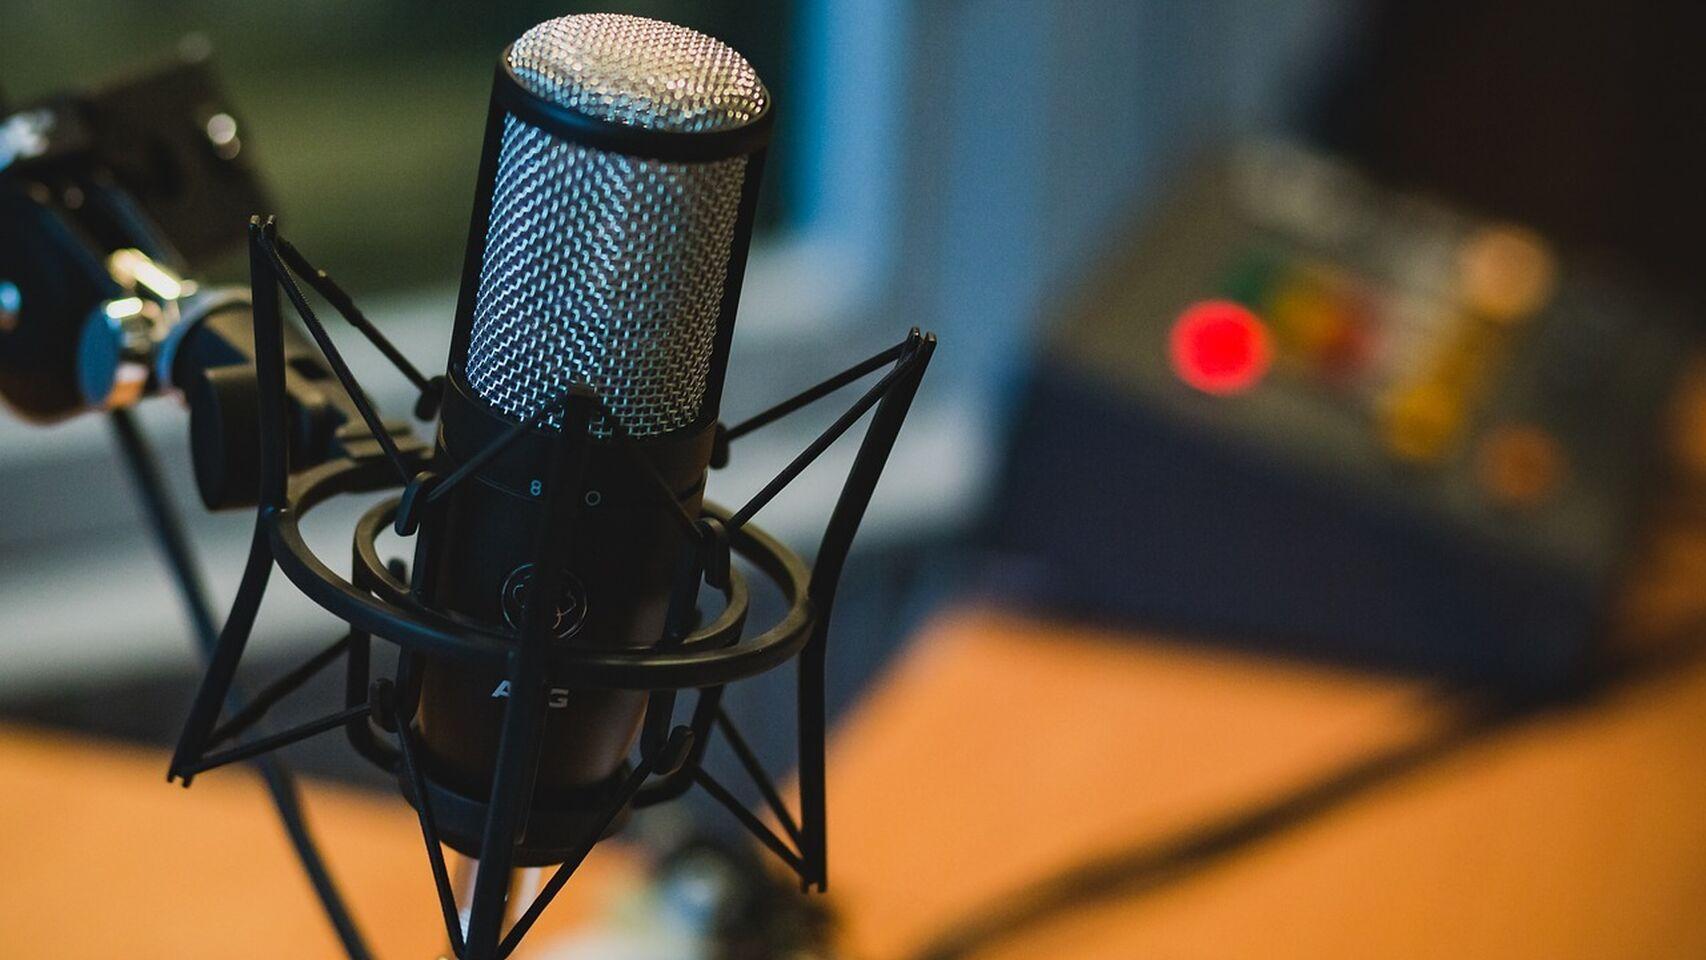 Los-Aprendedores-el-nuevo-podcast-que-apuesta-por-el-emprendimiento-peruano